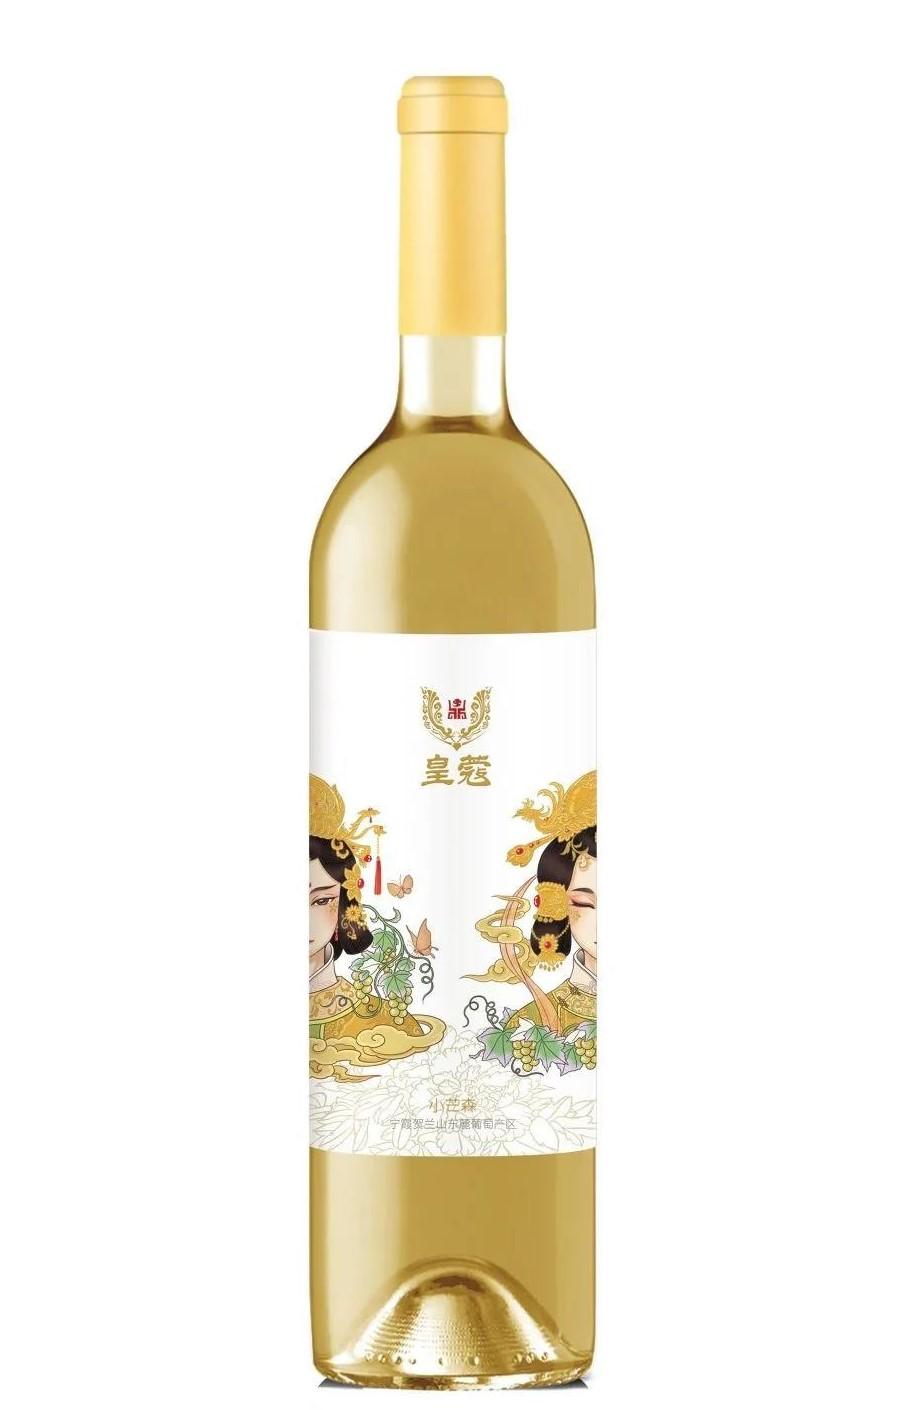 皇蔻小芒森甜白葡萄酒